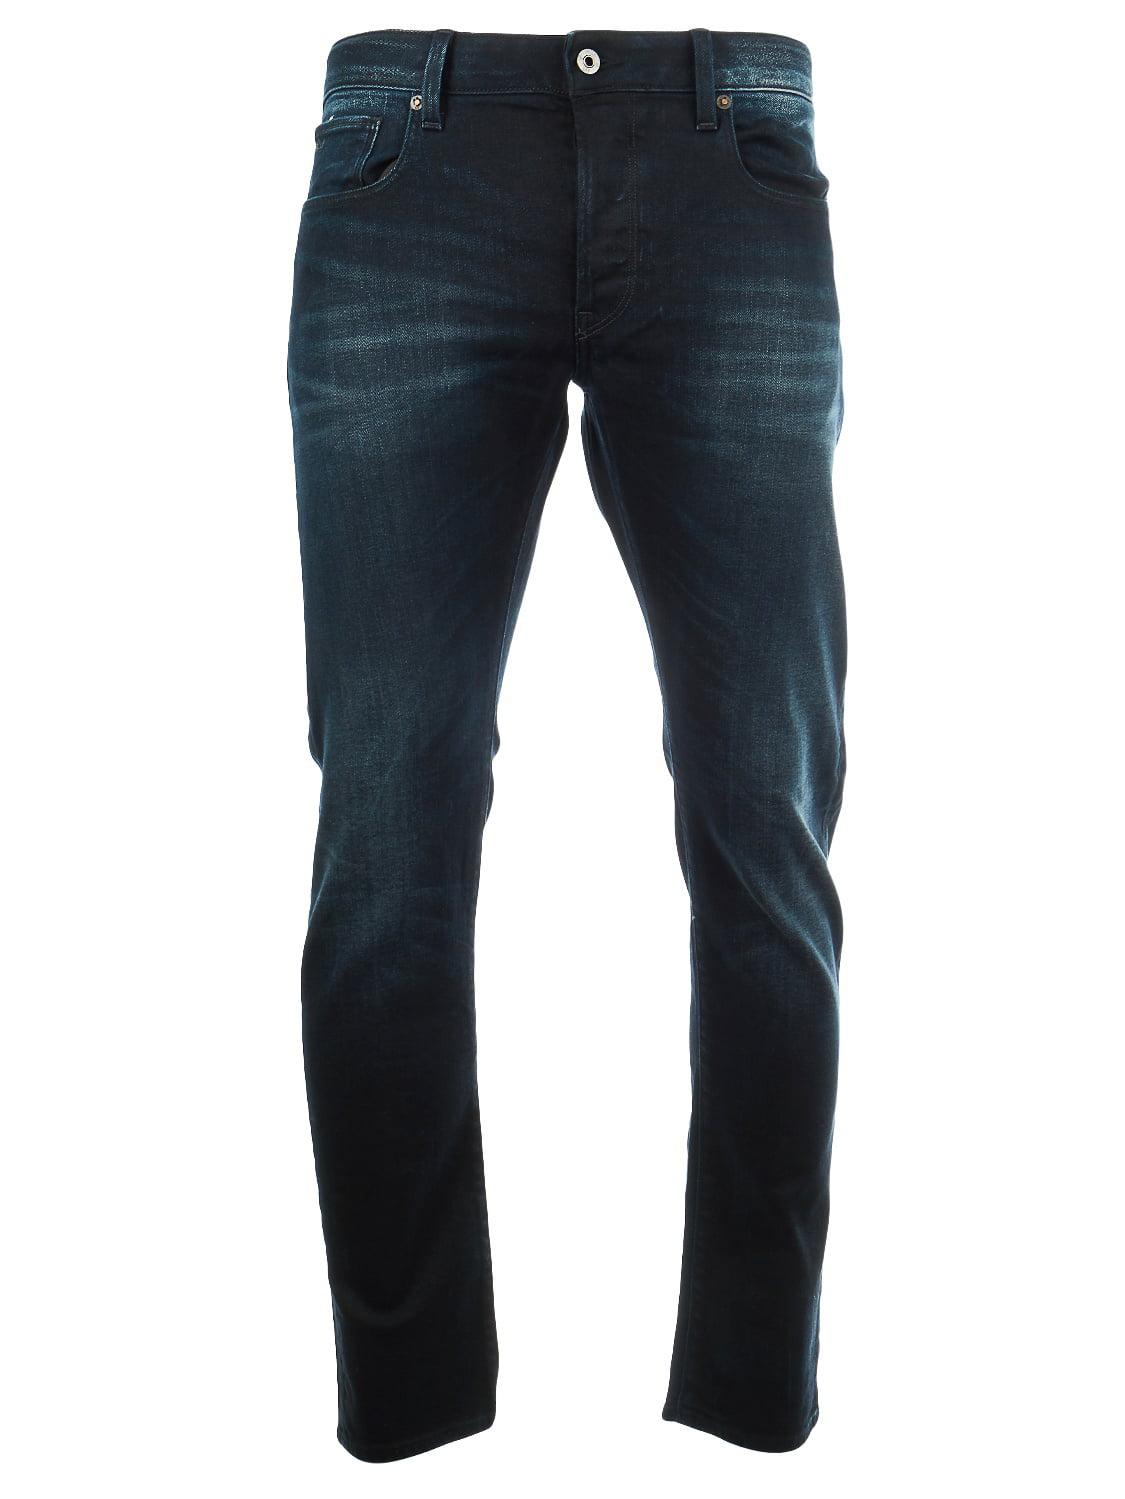 G-Star 3301 Slim Fit Casual Jean Denim Pant - Mens